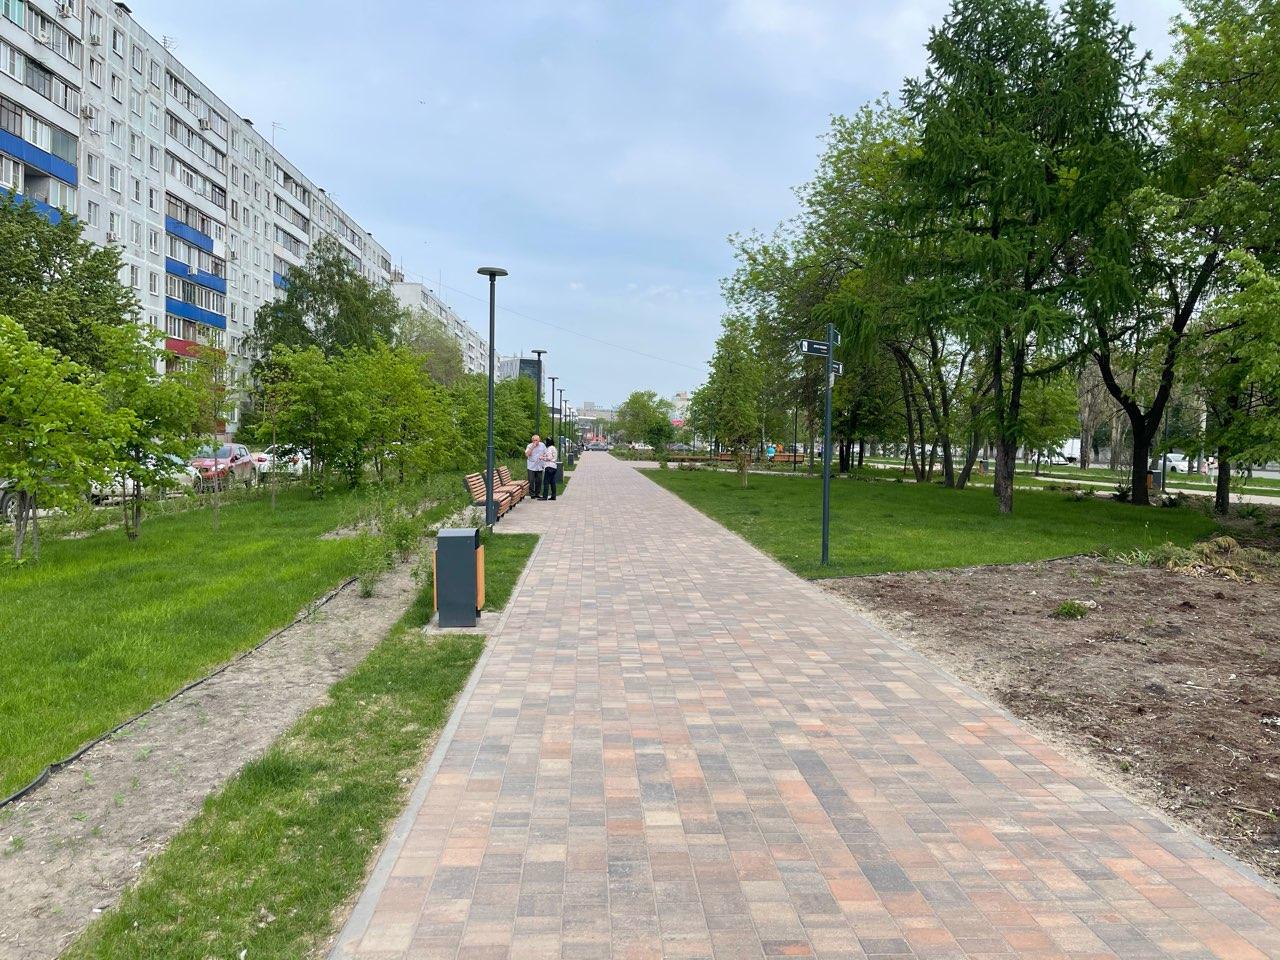 Сквер на Гордеевской улице в Нижнем Новгороде благоустроят за 9,6 млн рублей - фото 1